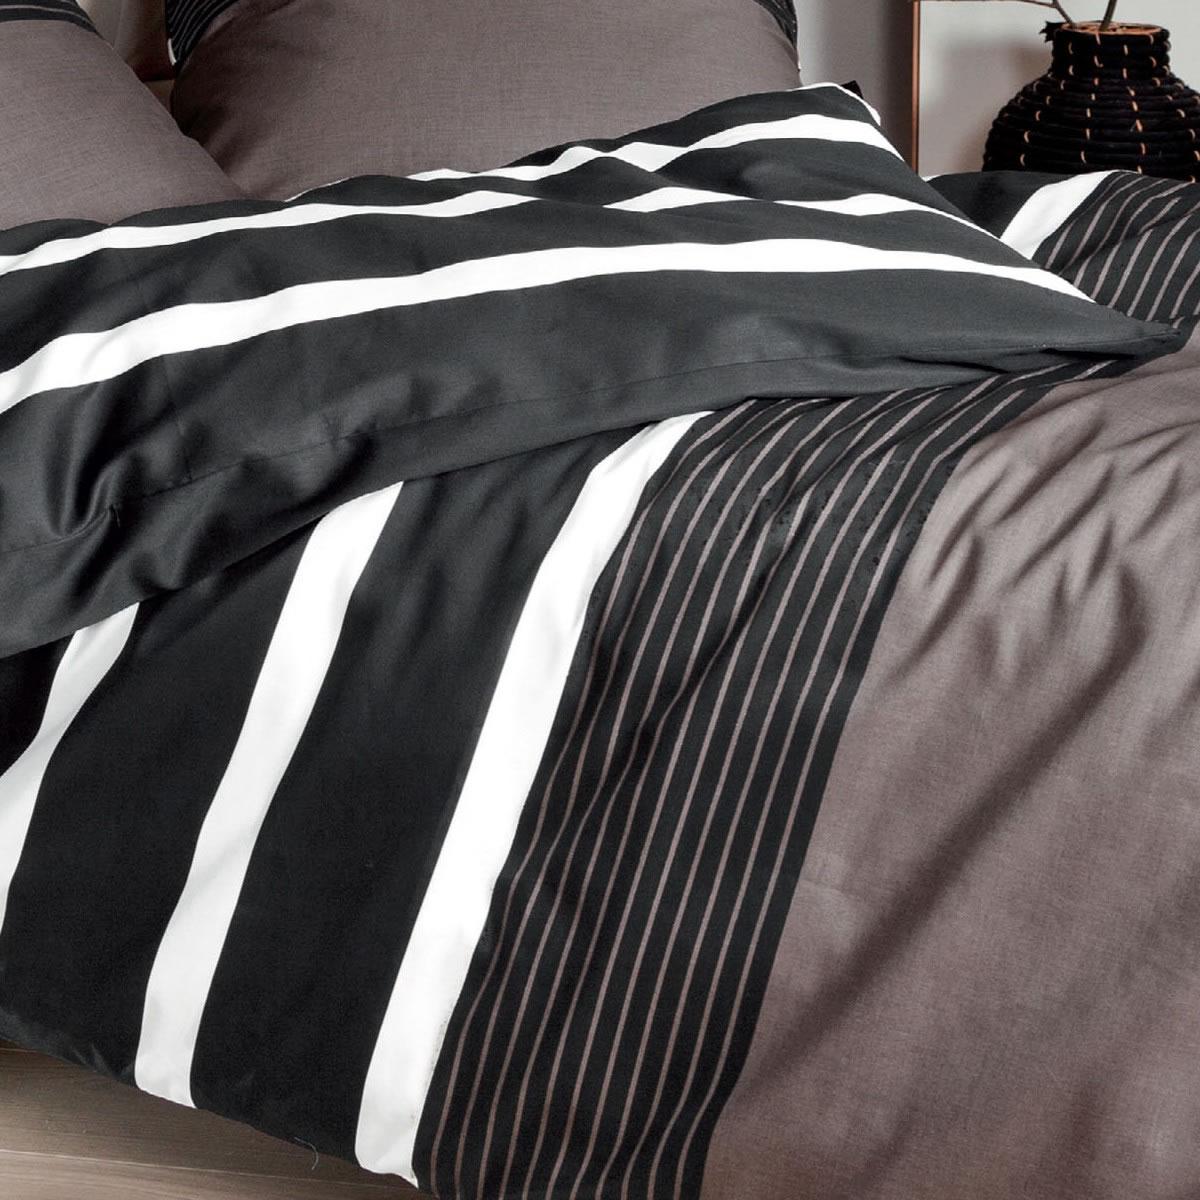 janine j d mako satin bettw sche design 8468 07 nougat. Black Bedroom Furniture Sets. Home Design Ideas